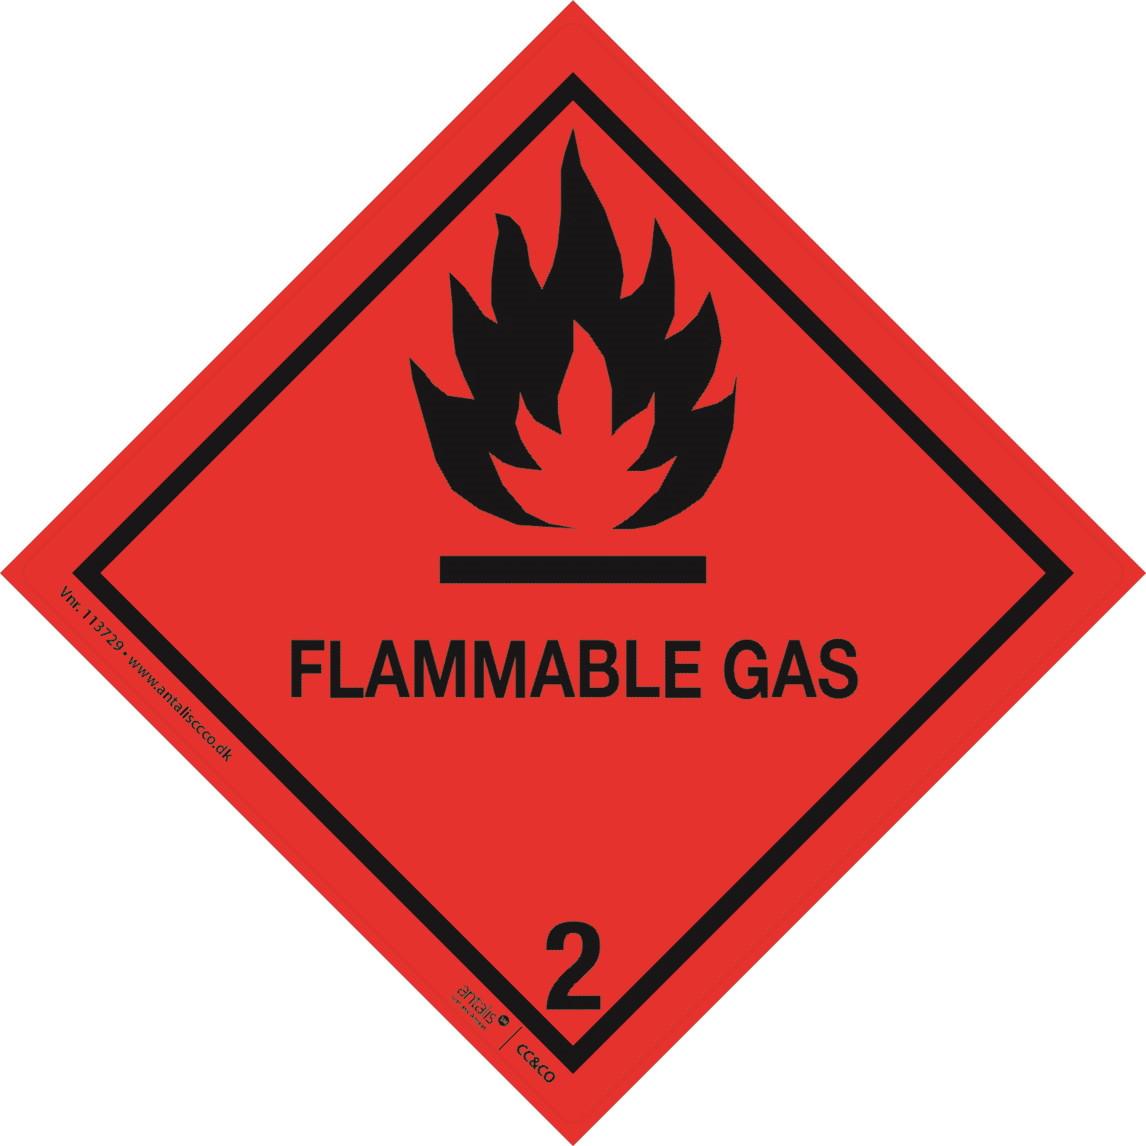 Fareetiket - Klasse 2.1 rød-sort 100 x 100 mm - 250 stk